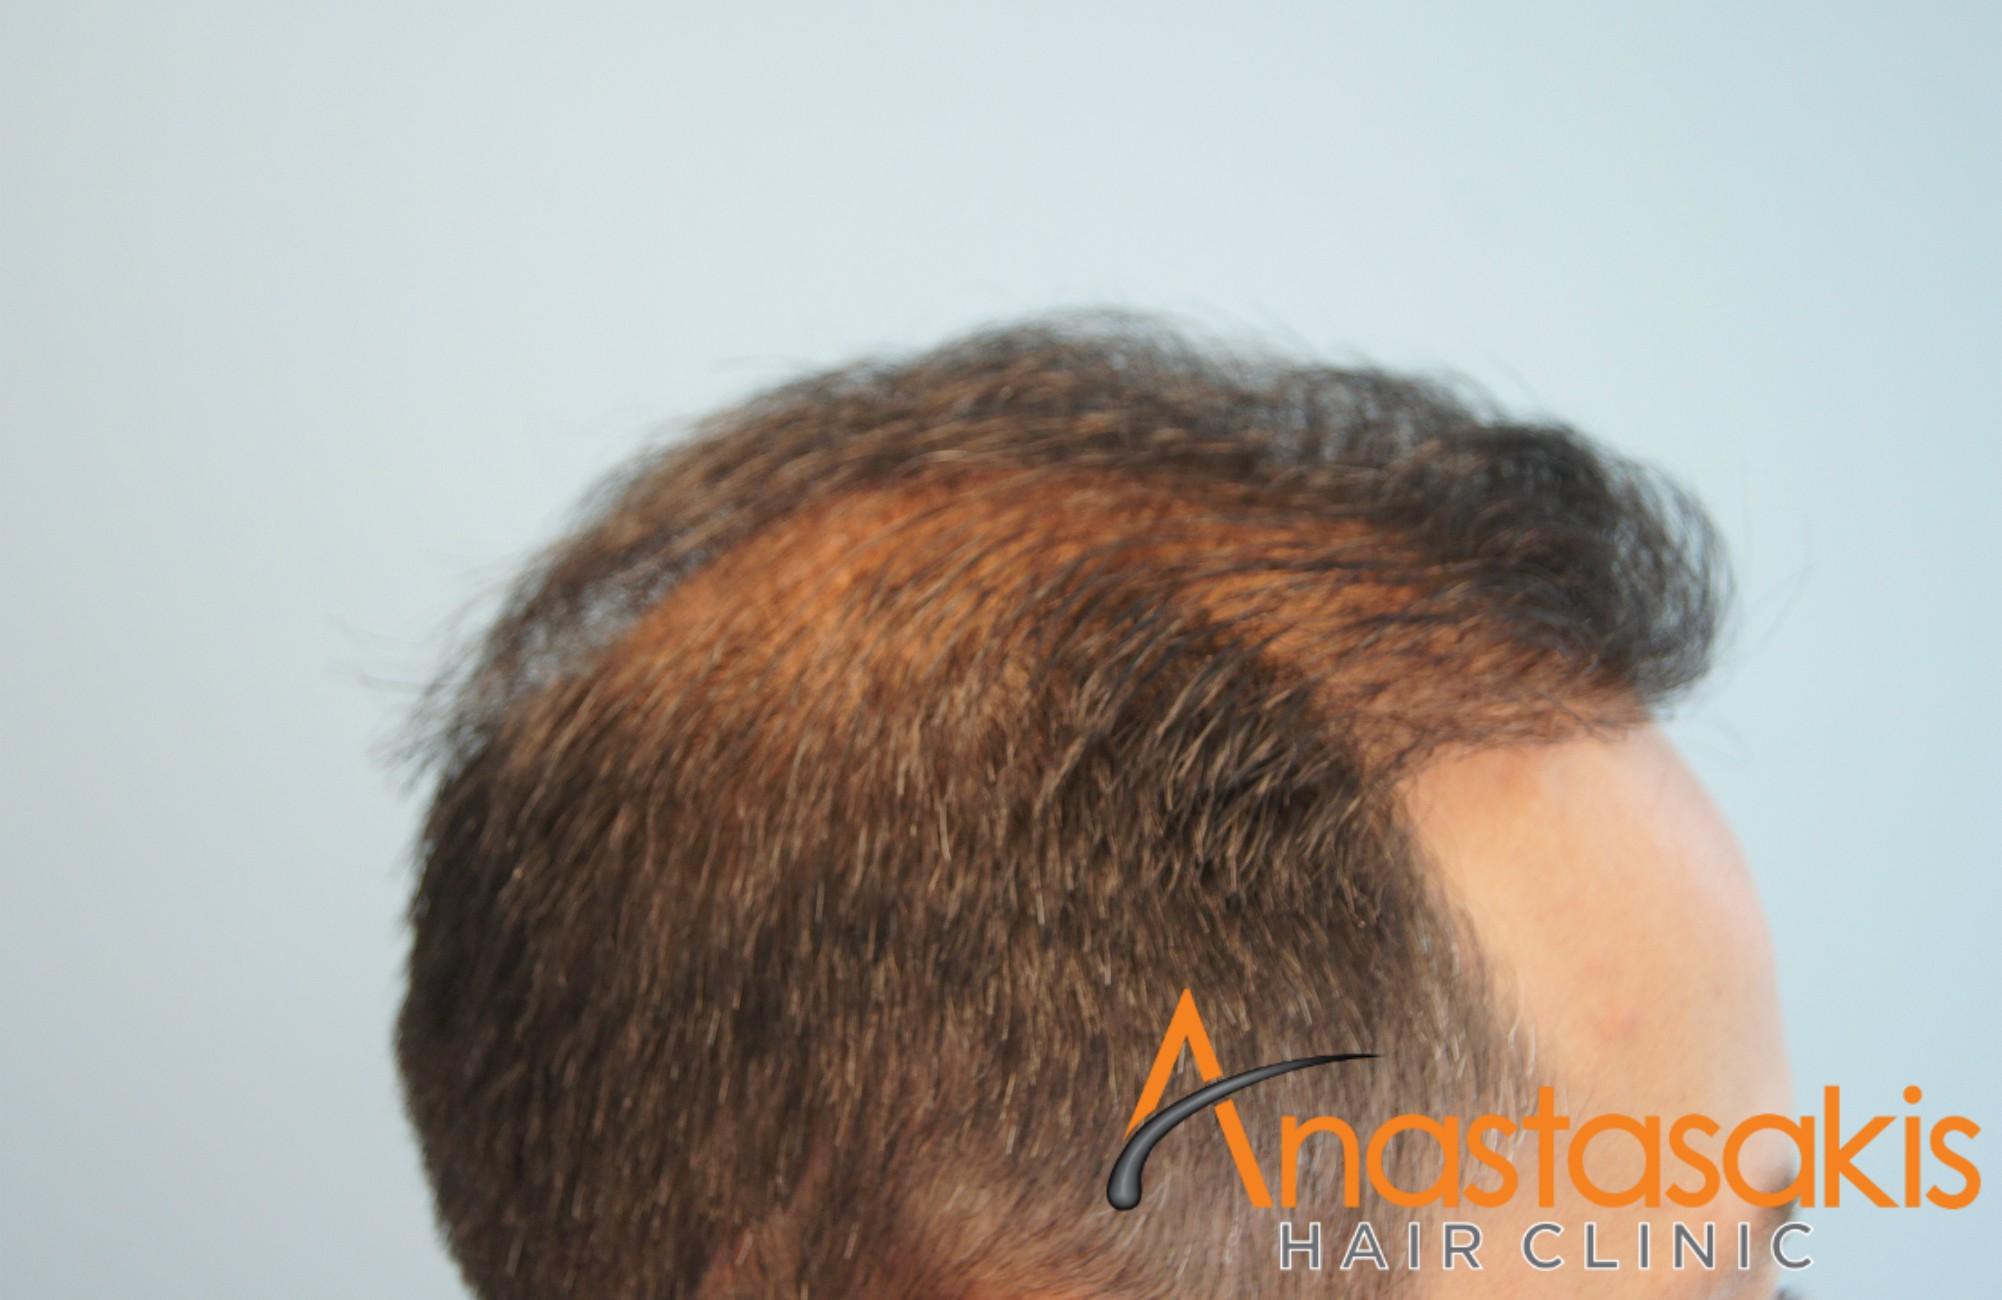 δεξι προφιλ βαγγελη μαρουση μετα τη μεταμοσχευση μαλλιων με 2500 fus